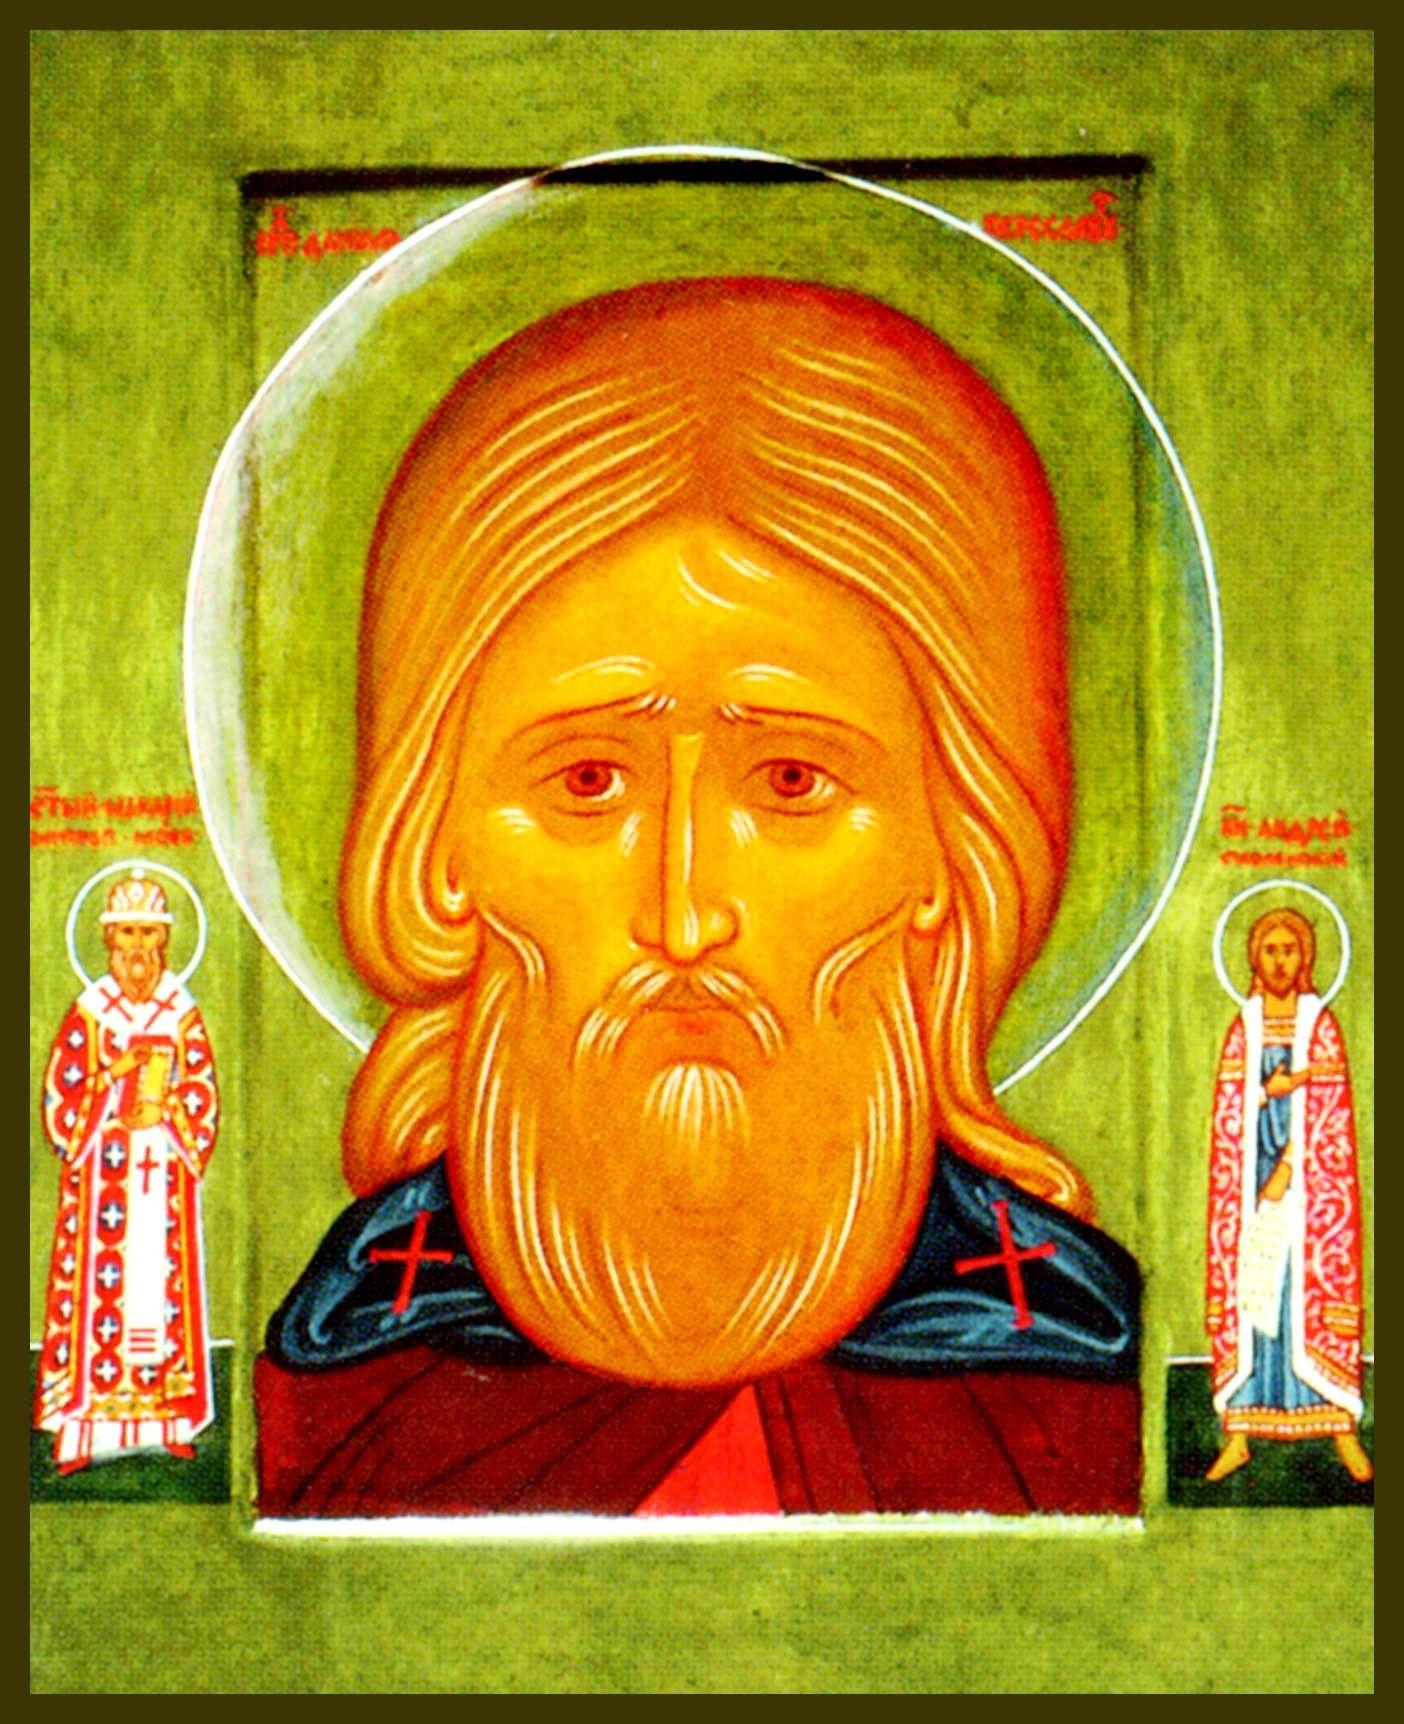 Преподобный Даниил почитается церковью как святой